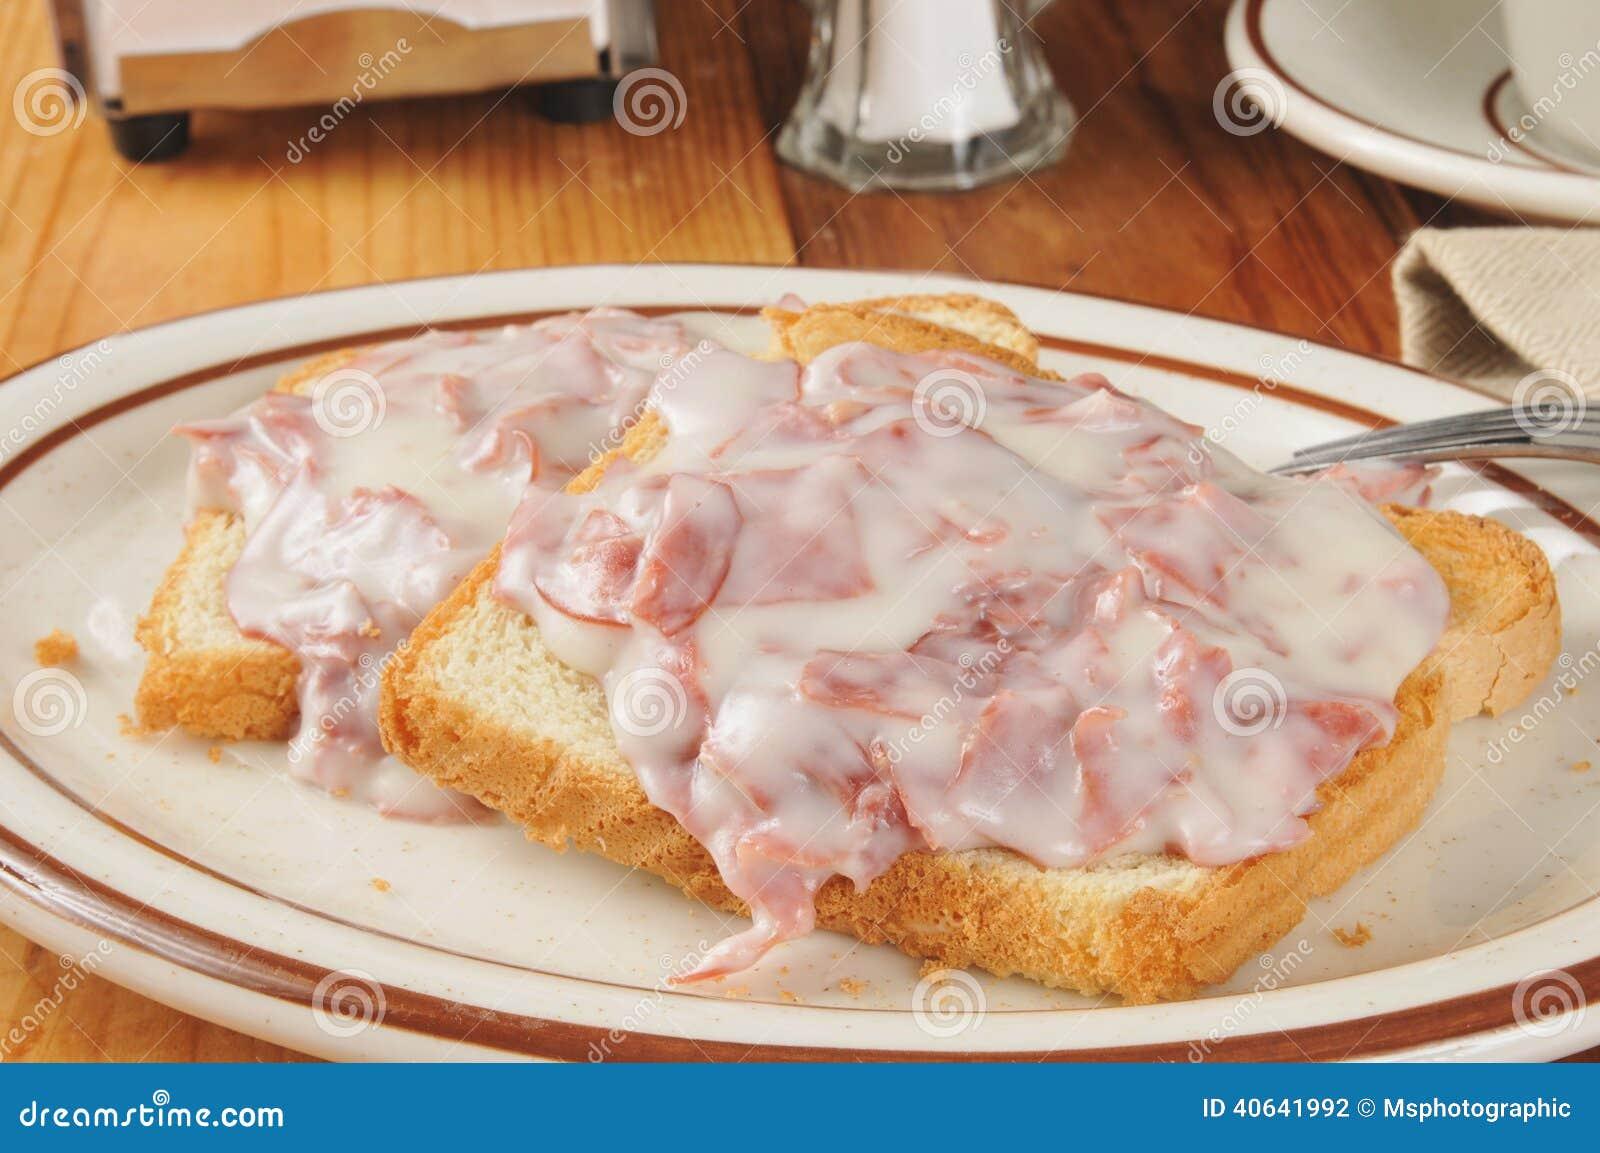 In Stücke geschnittenes Rindfleisch auf Toast